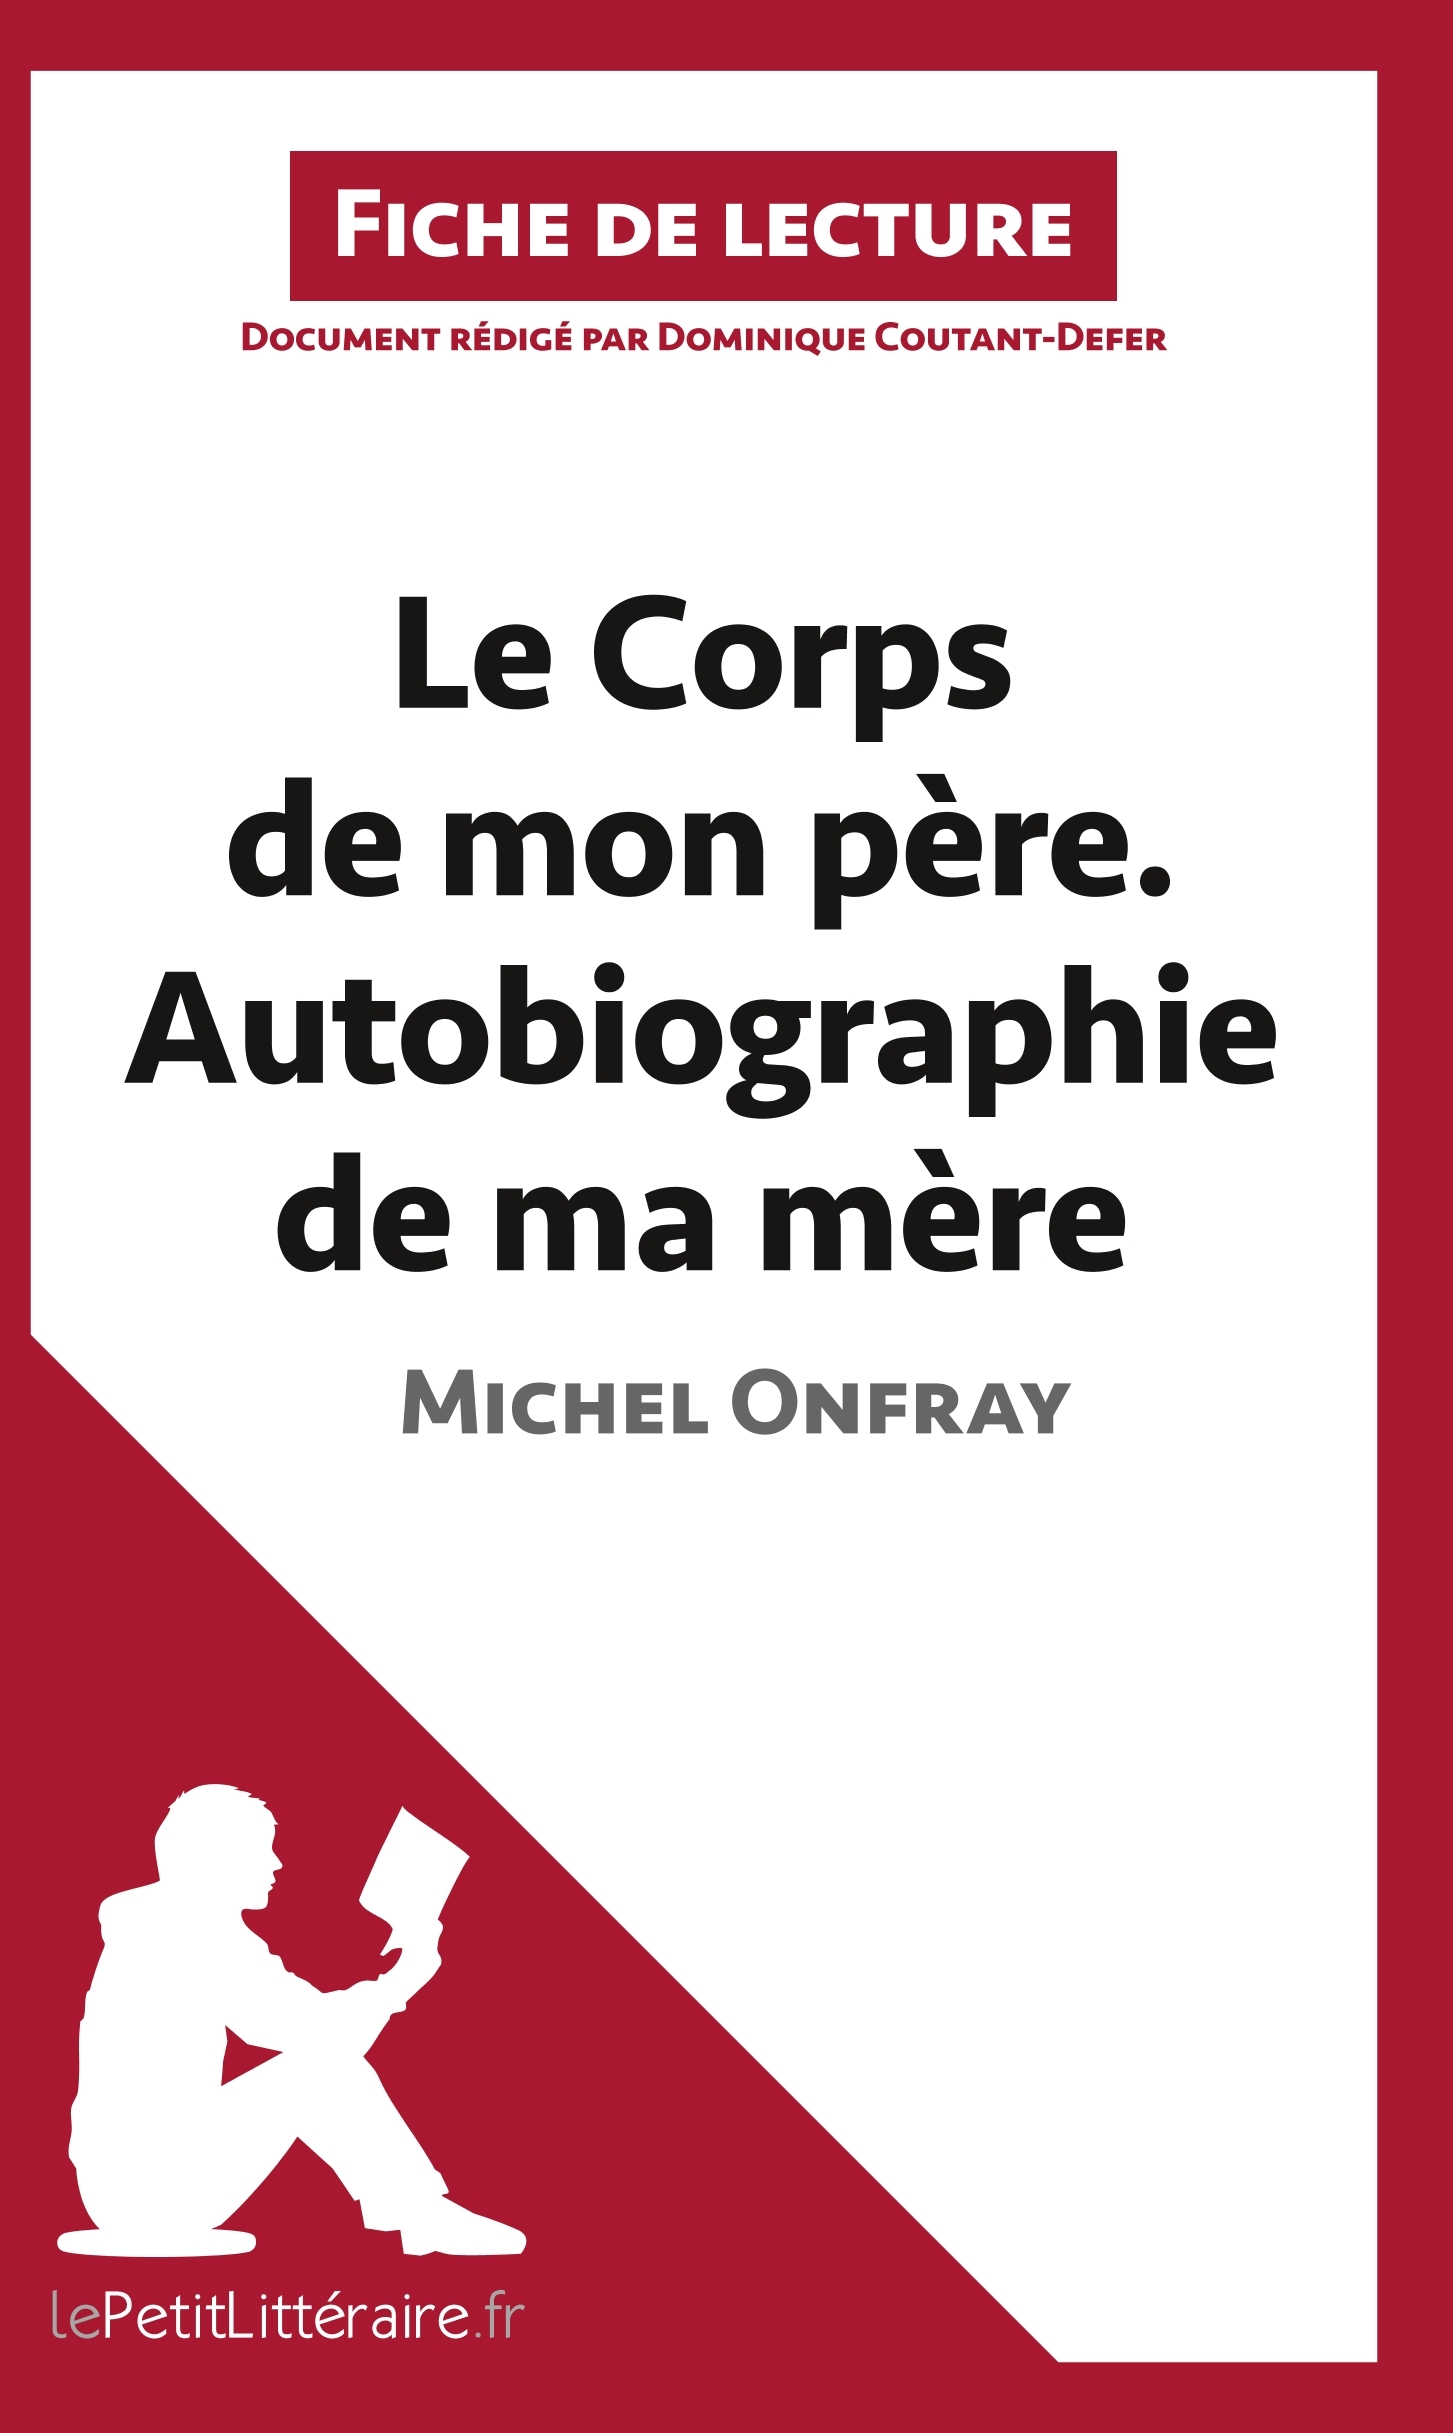 ANALYSE LE CORPS DE MON PERE AUTOBIOGRAPHIE DE MA MERE DE MICHEL ONFRAY ANALYSE